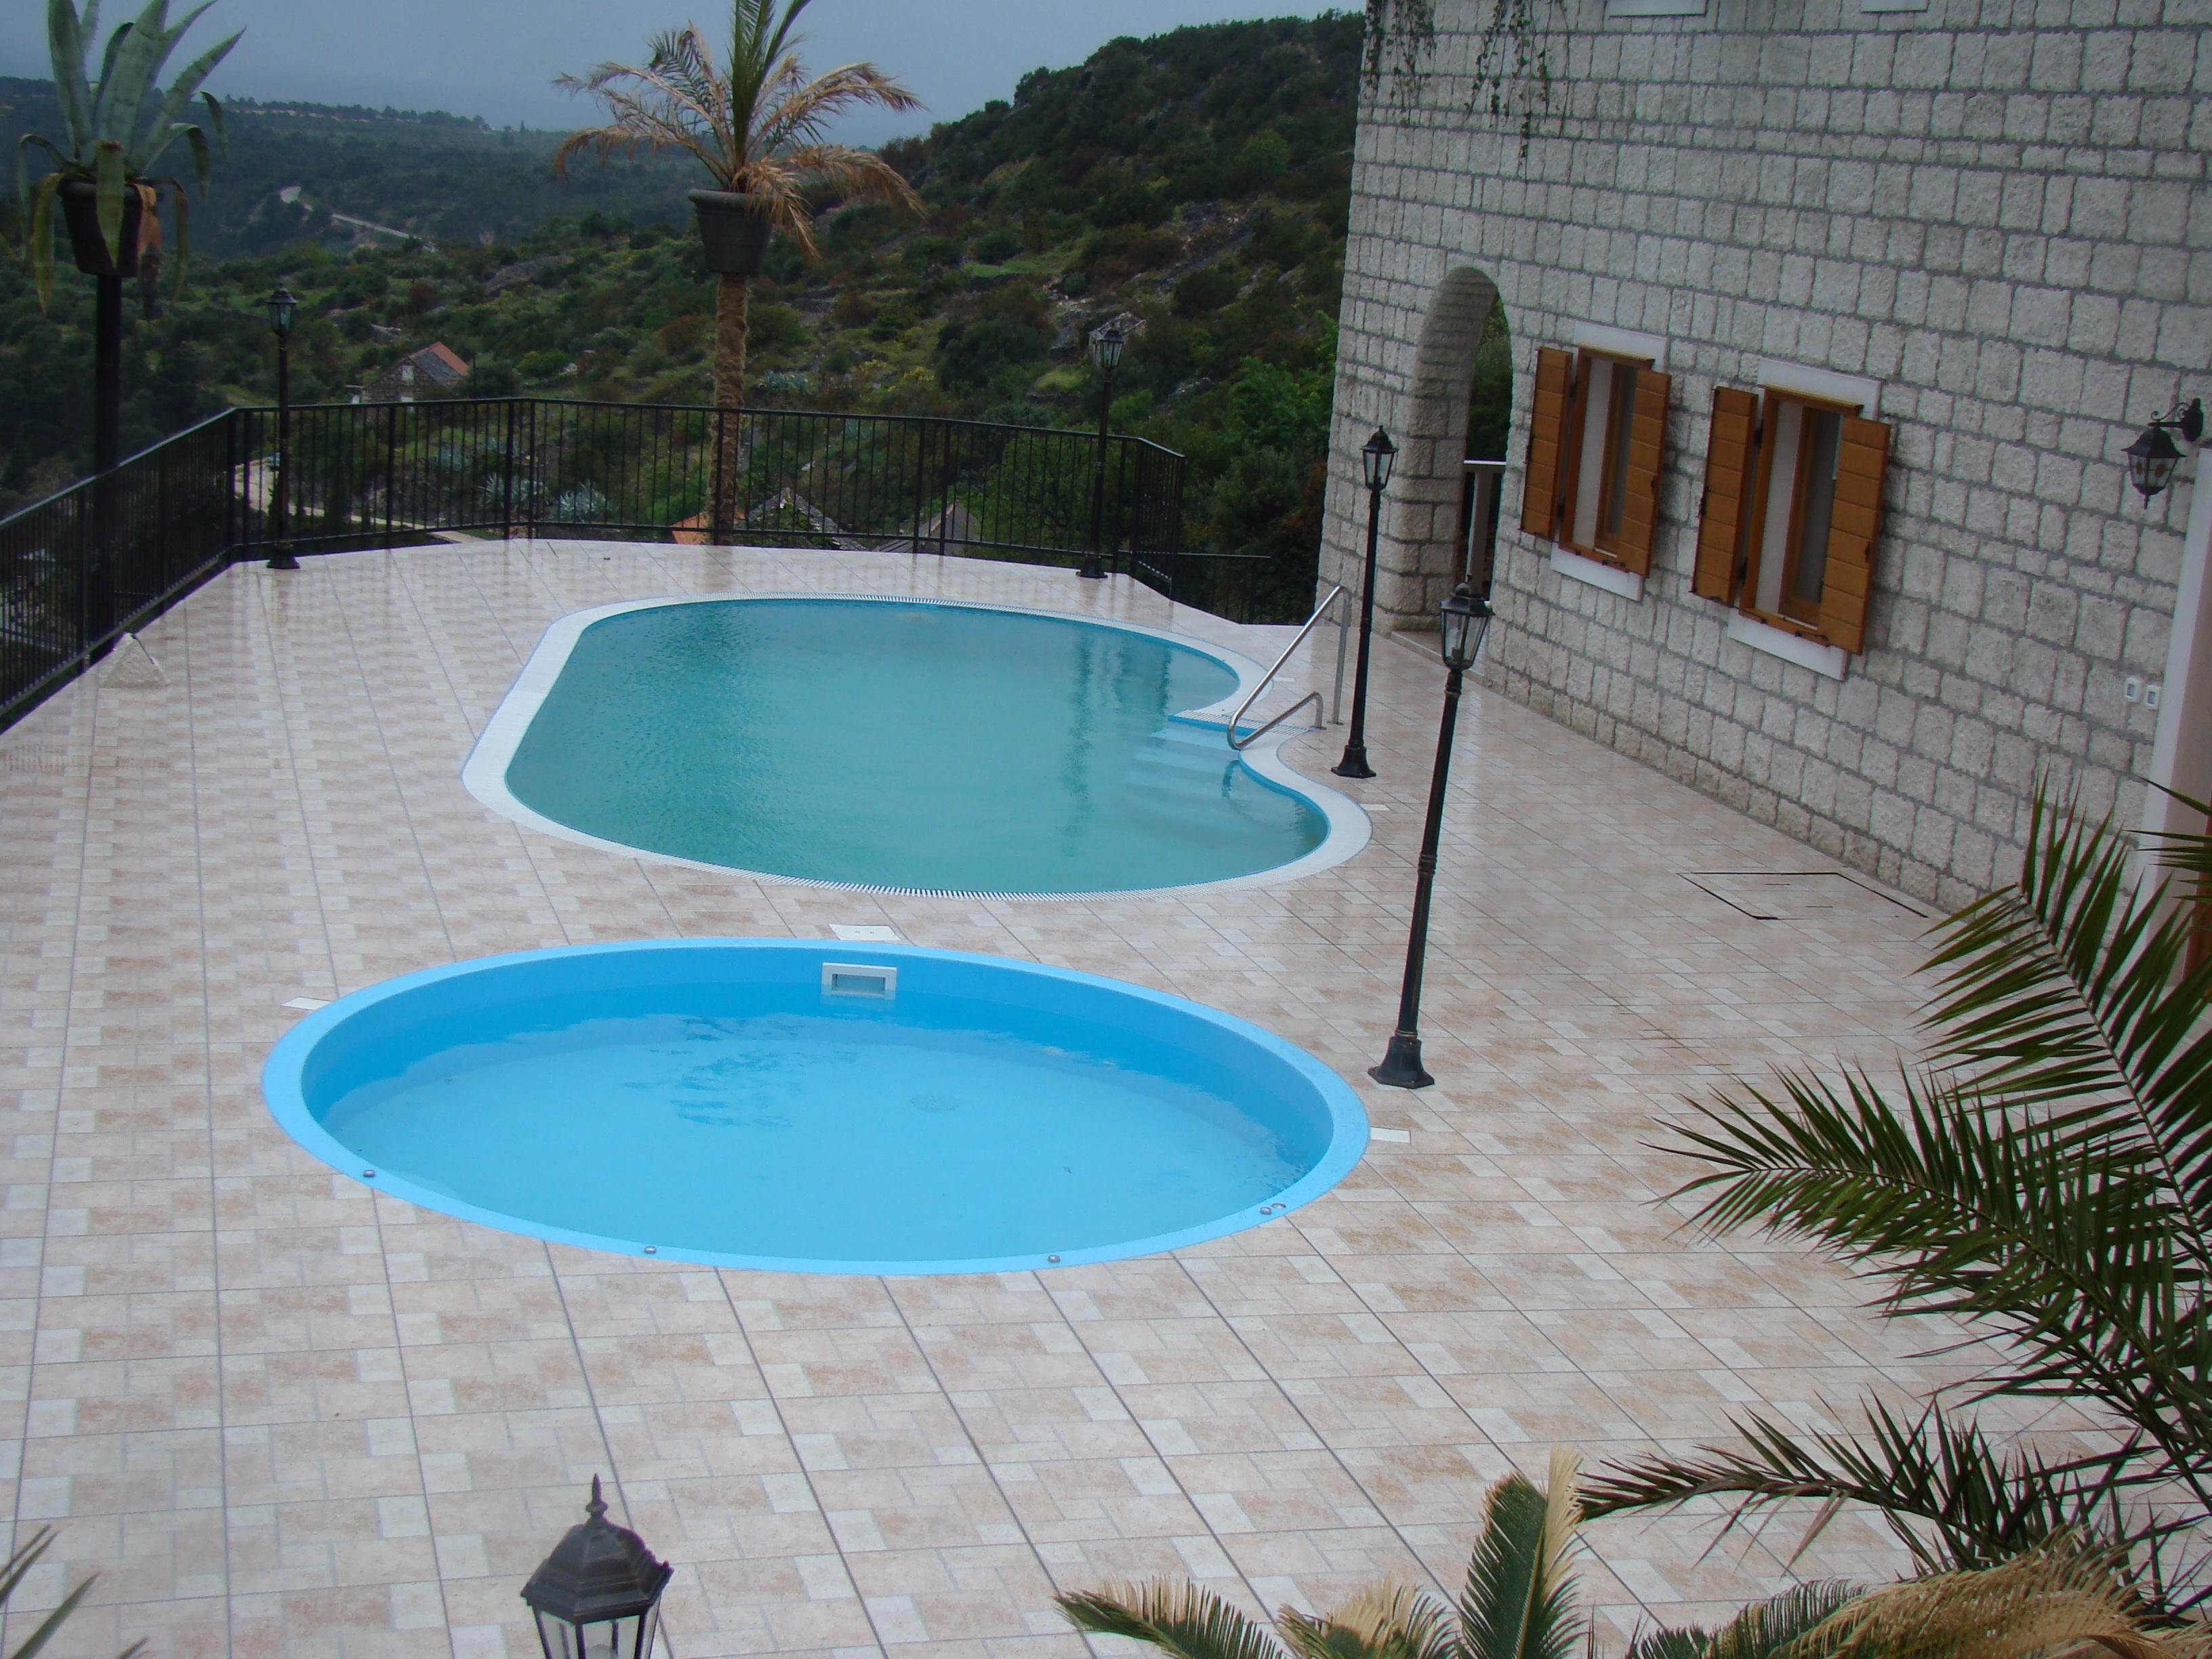 Schwimmbecken dvs 2205 for Billige schwimmbecken